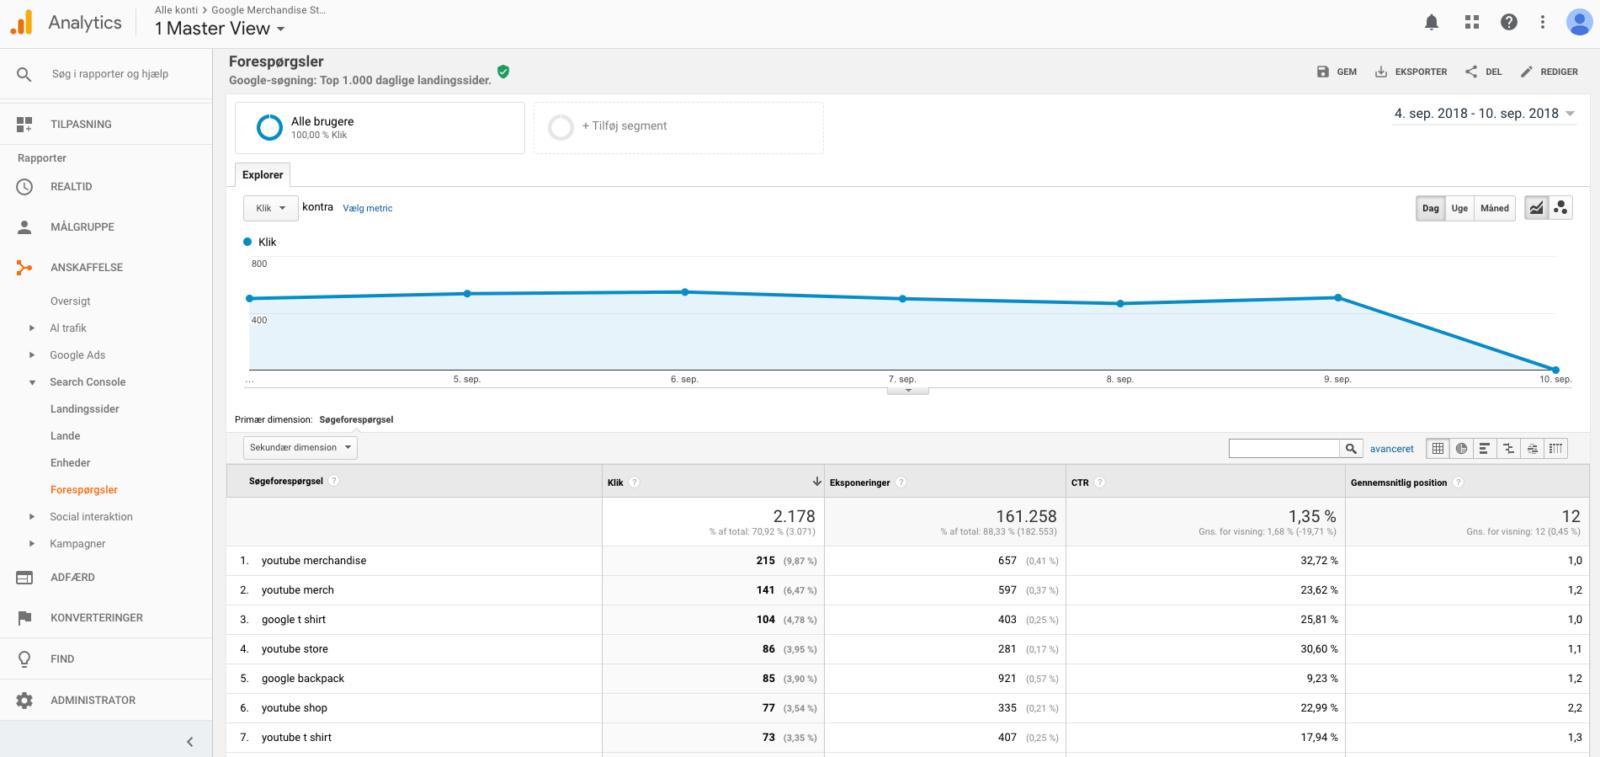 Google Analytics Anskaffelse Forespørgelser